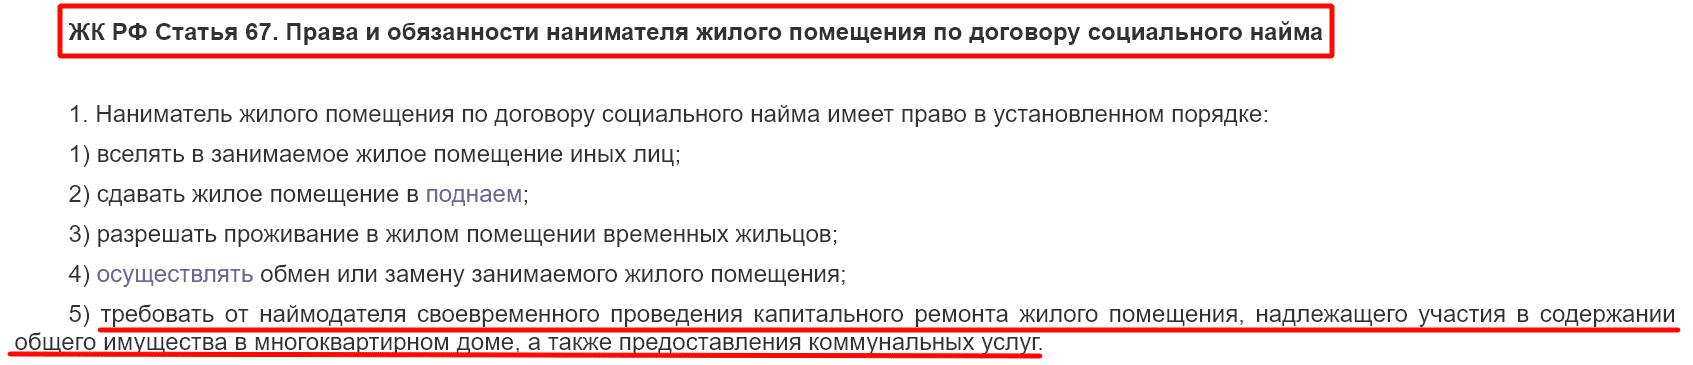 Выдержка из ЖК РФ о замене счетчиков в муниципальных квартирах